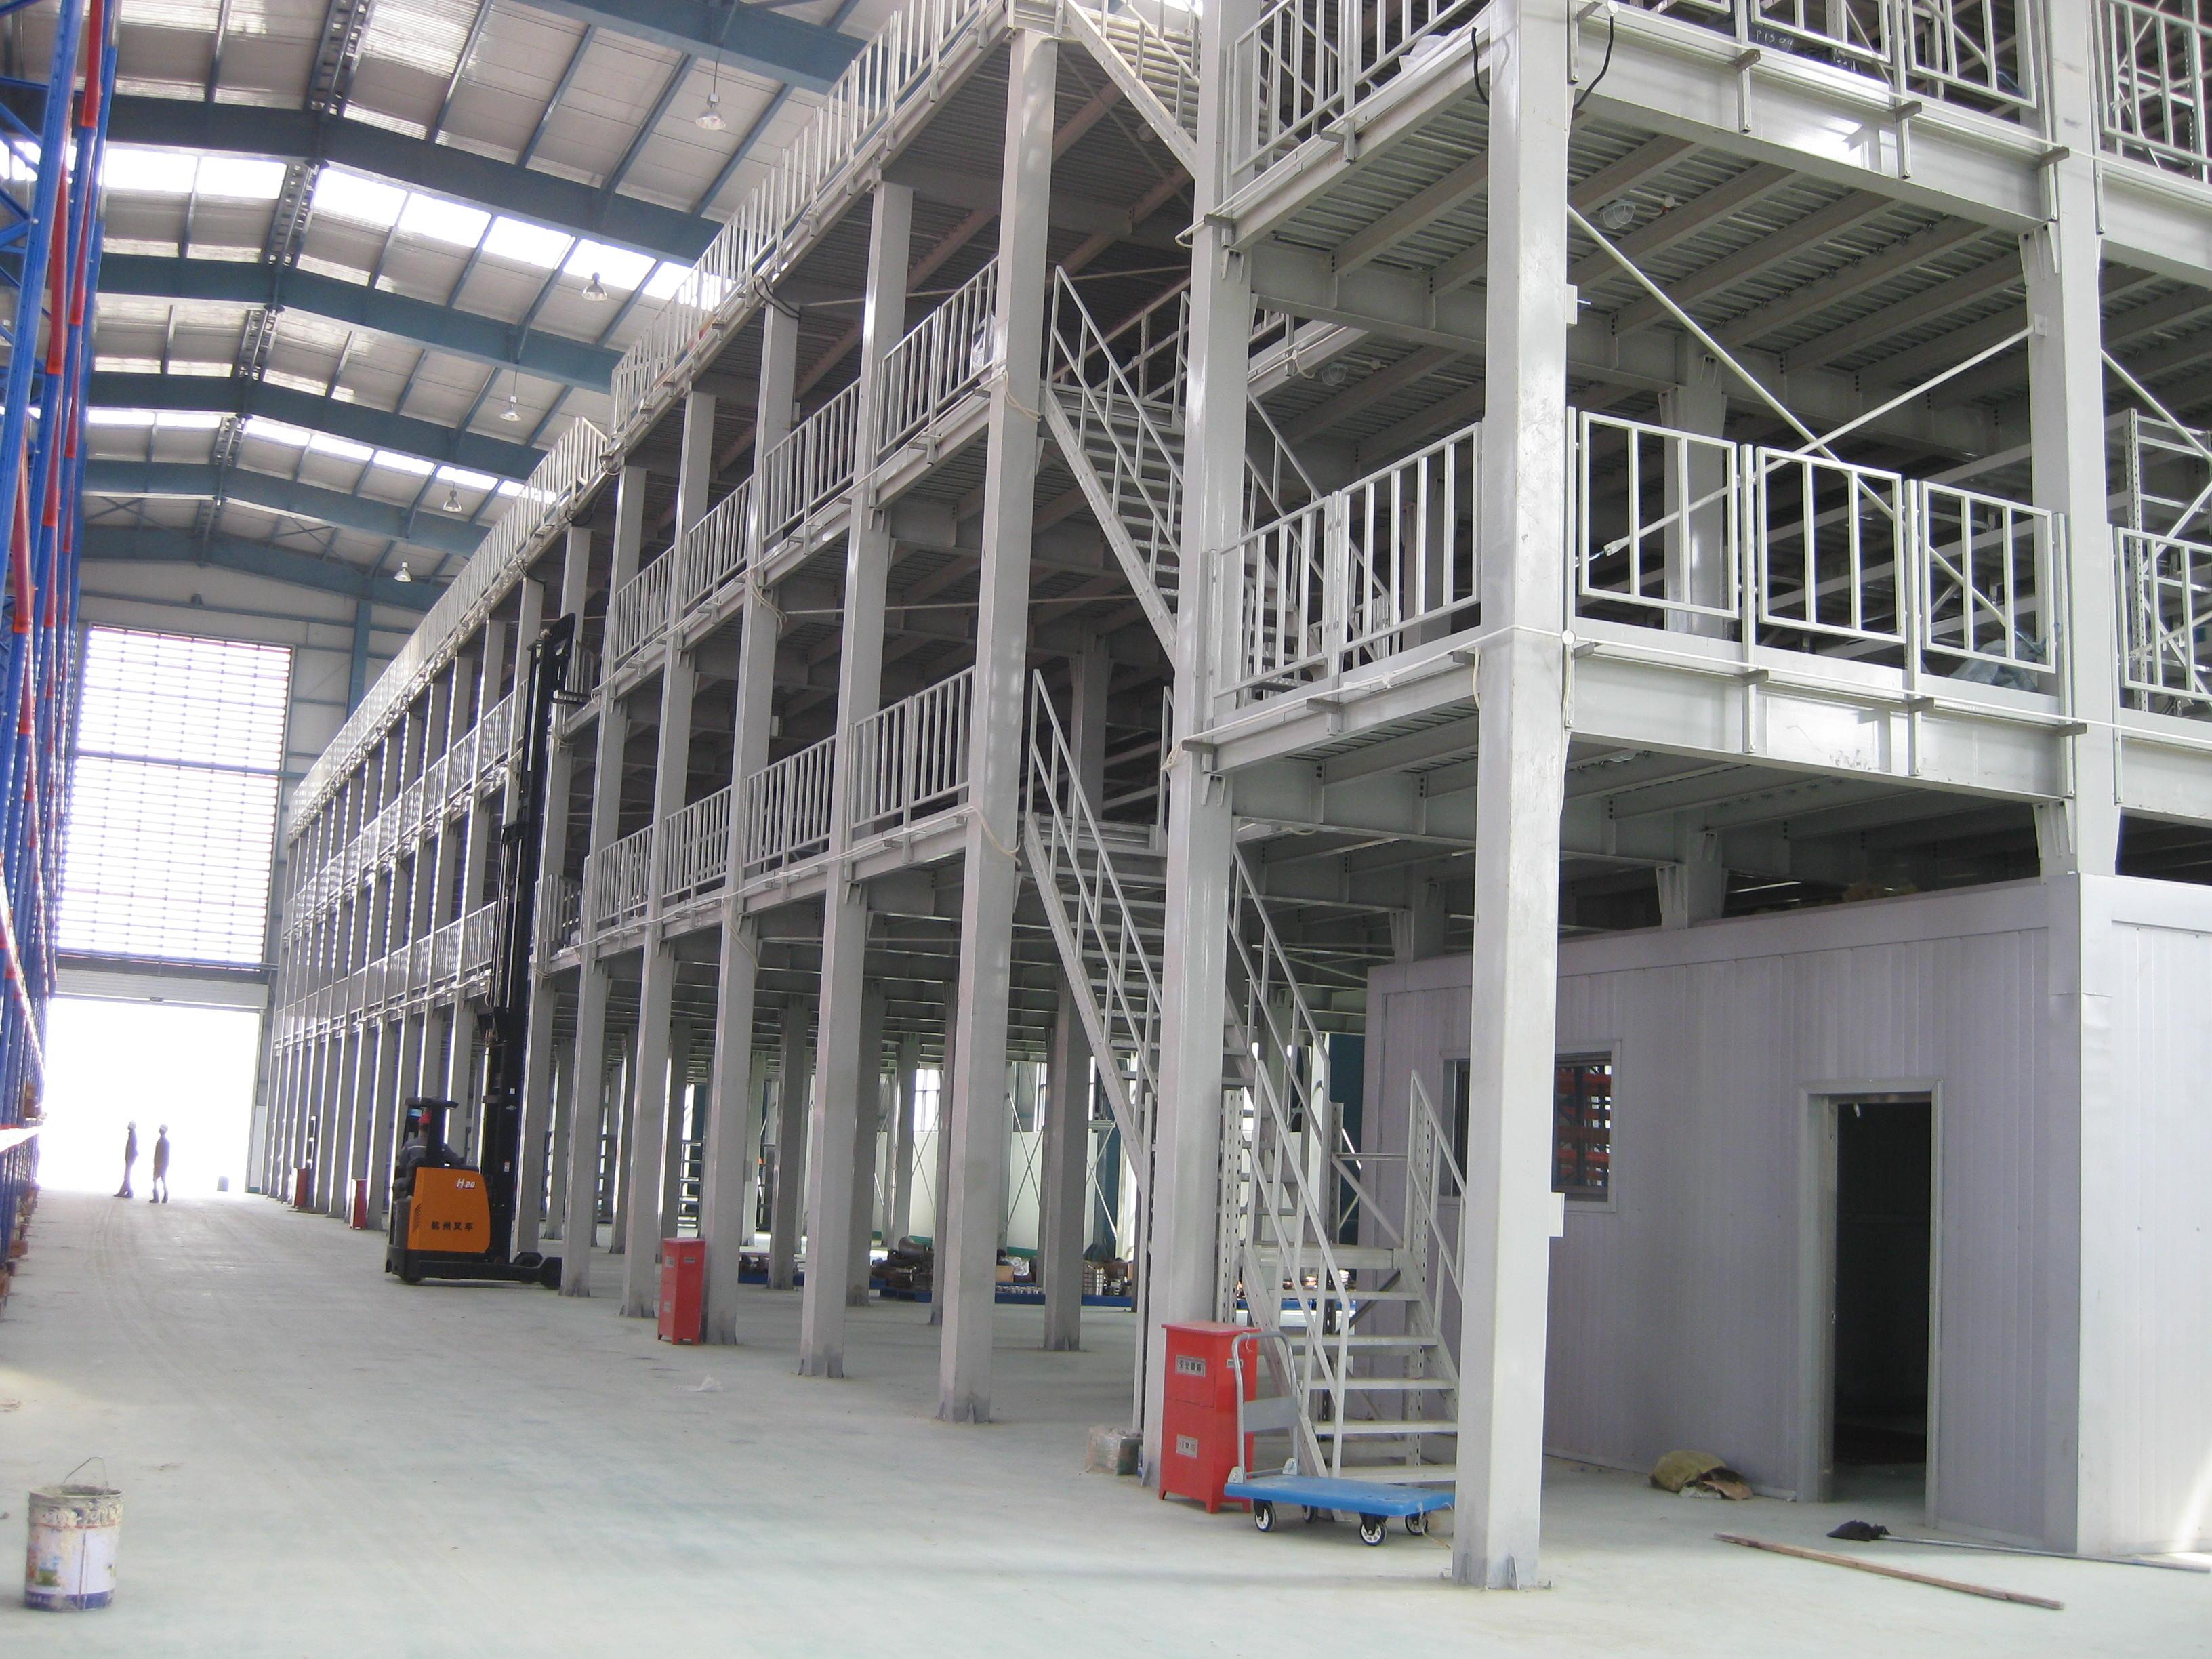 Steel work platform